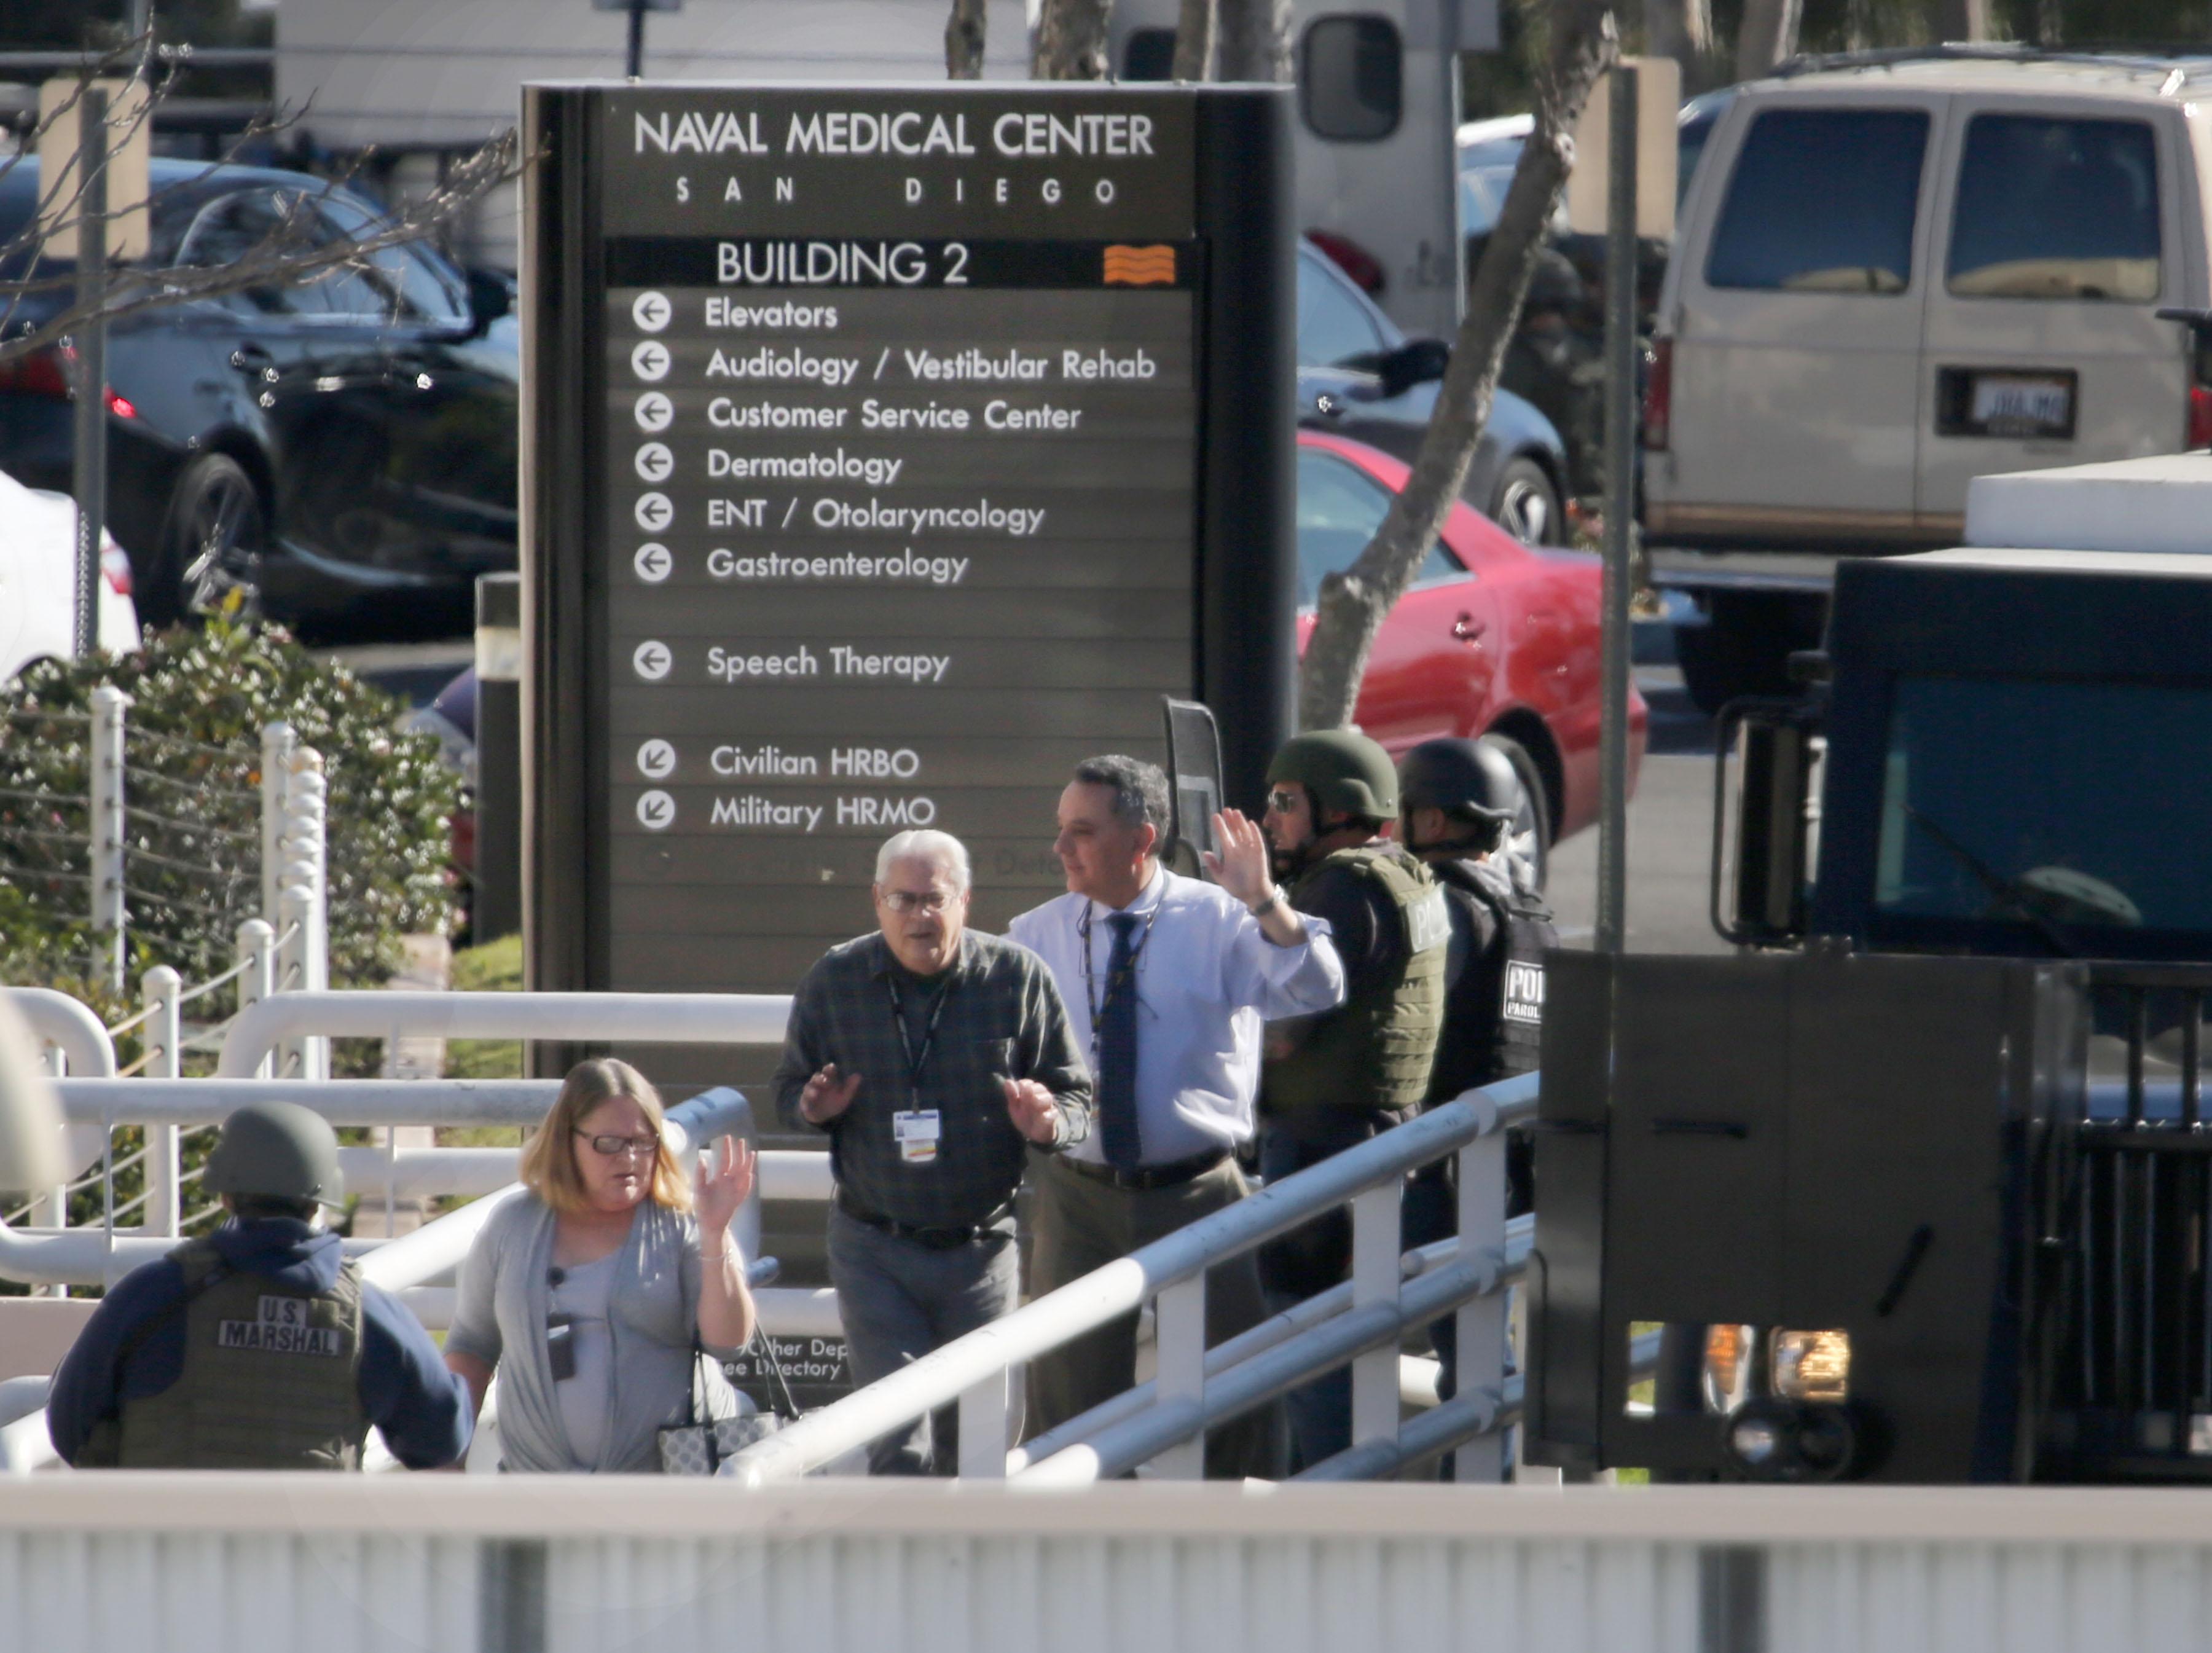 إجلاء أشخاص من المركز الطبي التابع للبحرية في سان دييغو إثر ورود أنباء عن إطلاق نار